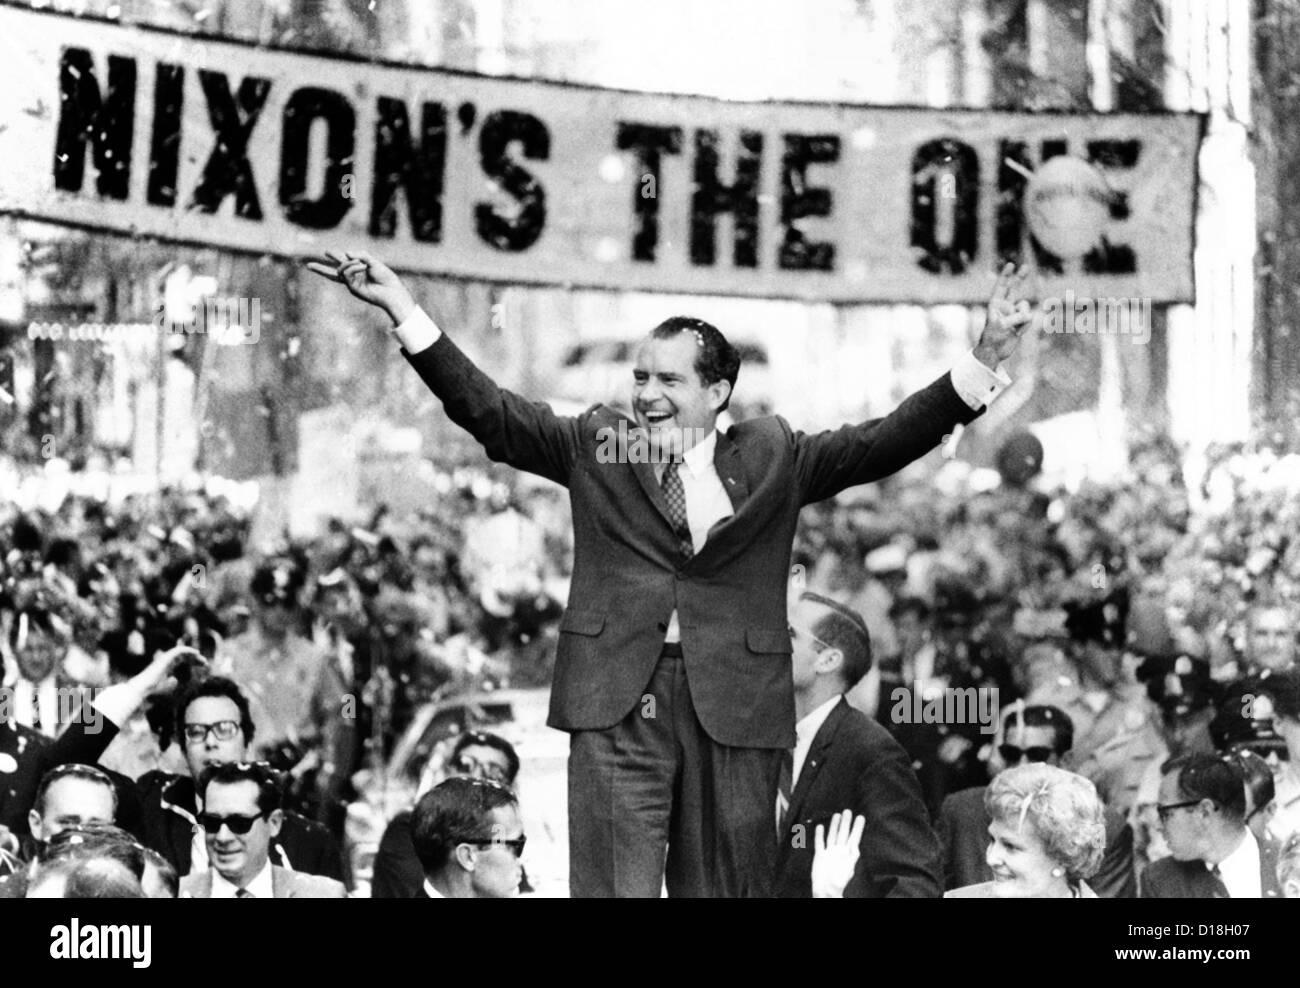 """Richard Nixon, liefert ihm das """"V"""" um den Sieg zu unterzeichnen. Eine geschätzte 300.000 gesäumten Straßen der Philadelphia Stockfoto"""